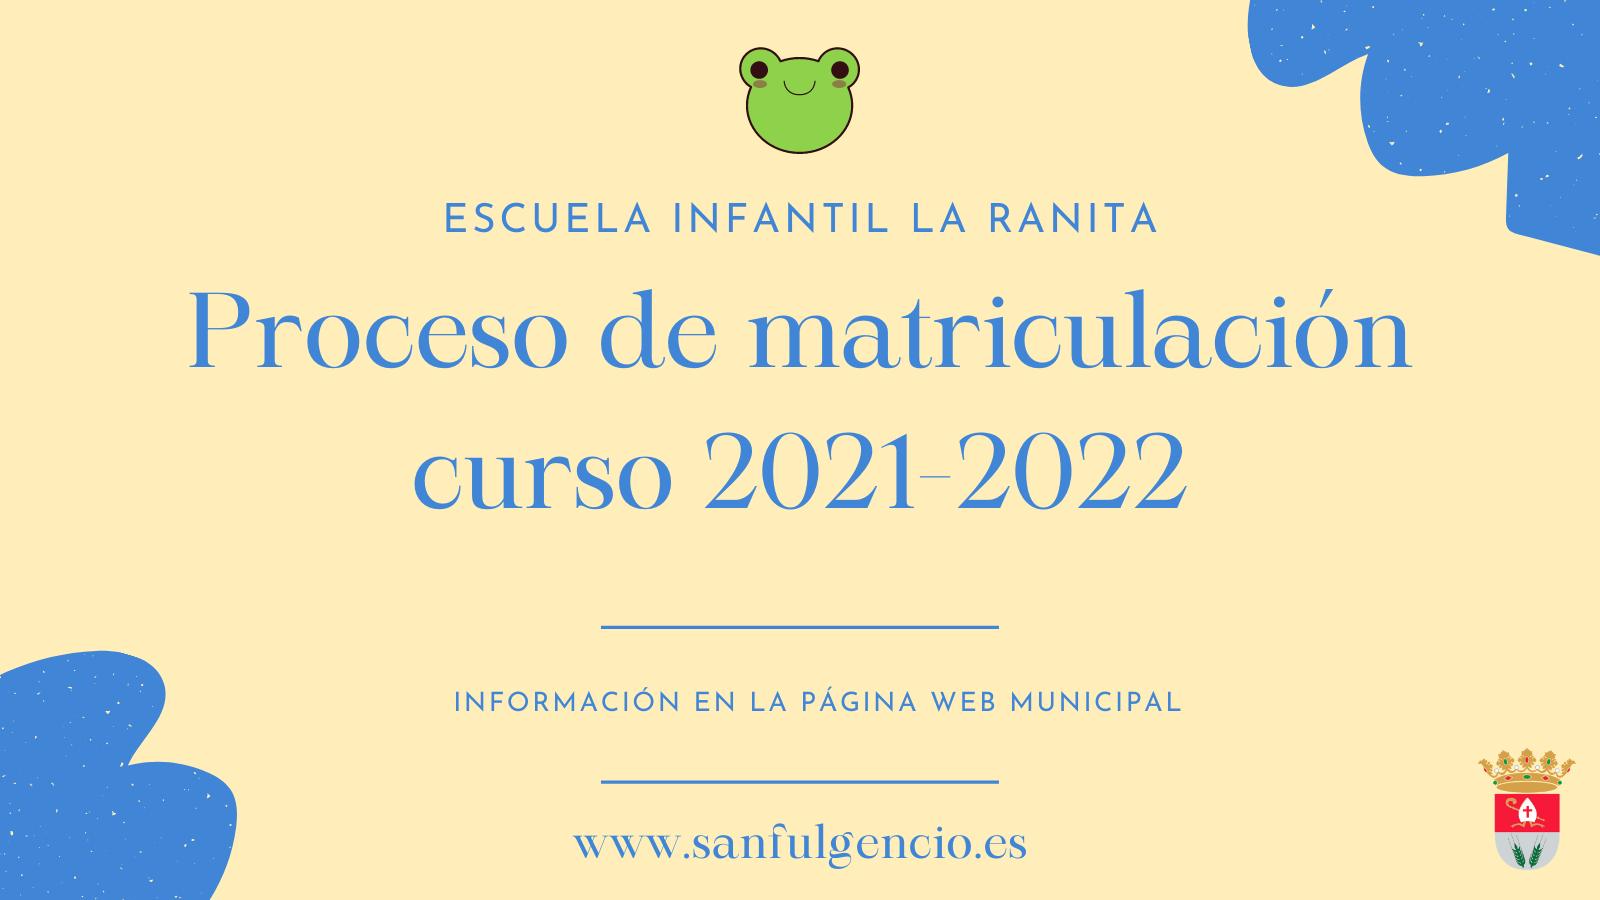 """Proceso de Matriculación en la escuela infantil """"La Ranita"""" curso 2021-2022"""